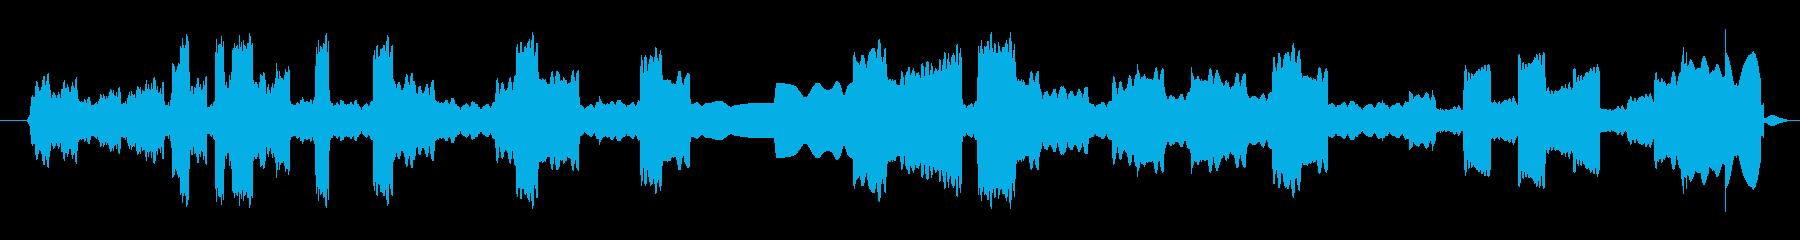 FX トーキングロボット04の再生済みの波形